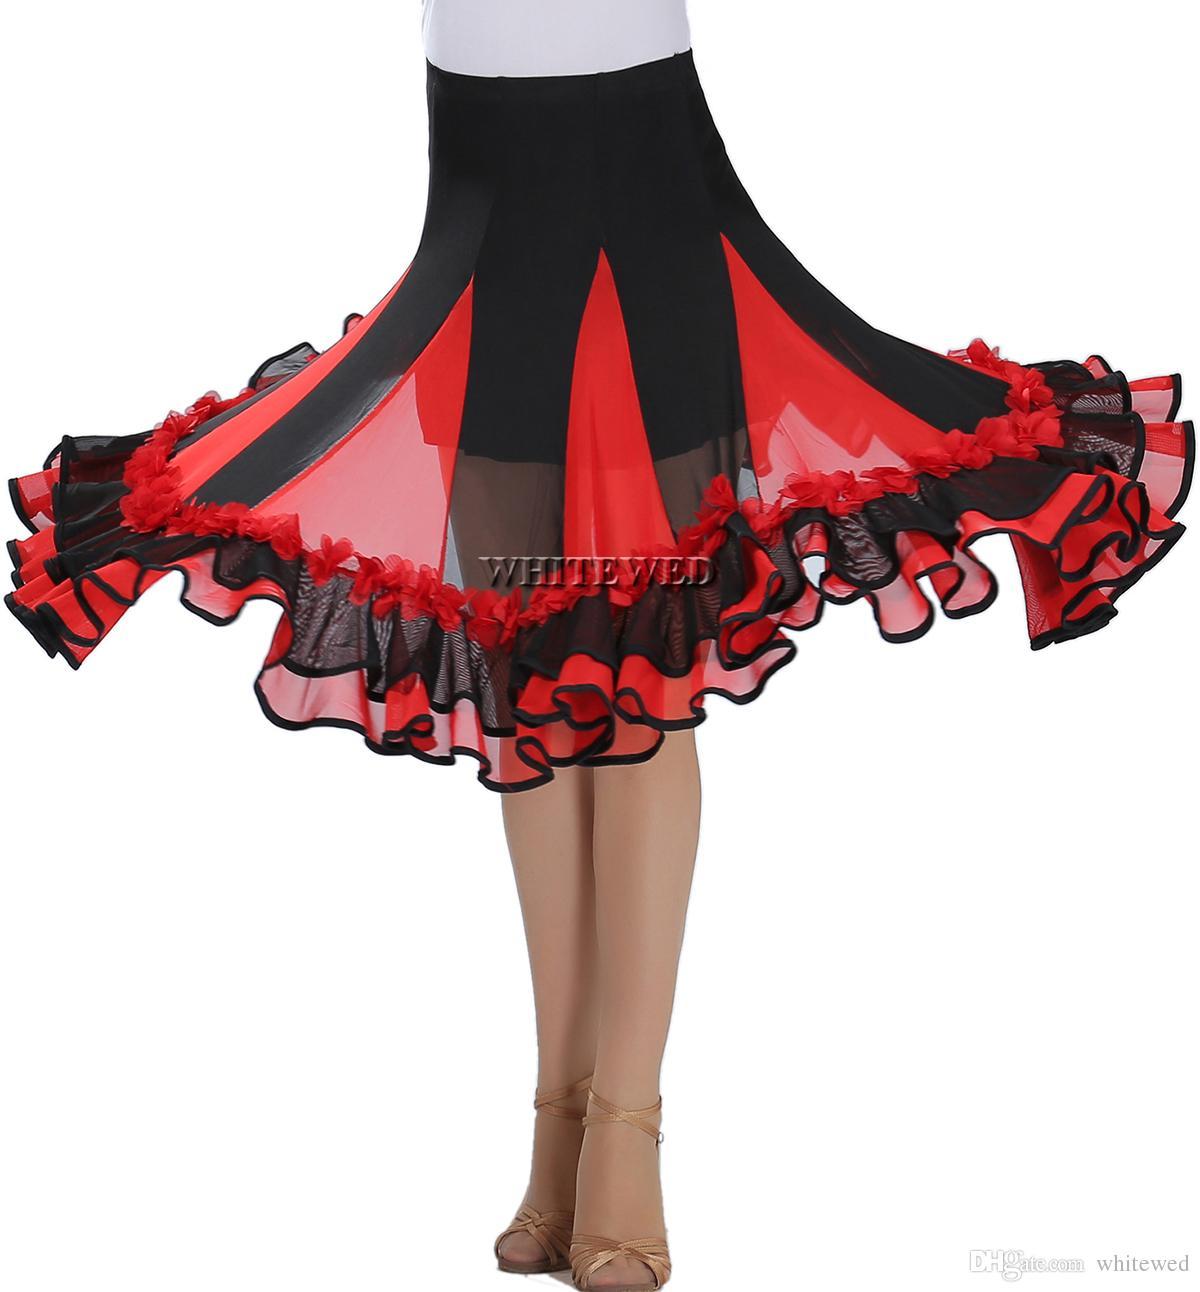 Ruffle Women's Dancers Village Dance Skirt Ballroom Latin Modern Dancewear Square Ballroom Latin Dancing Ddance Practice Wear Costume